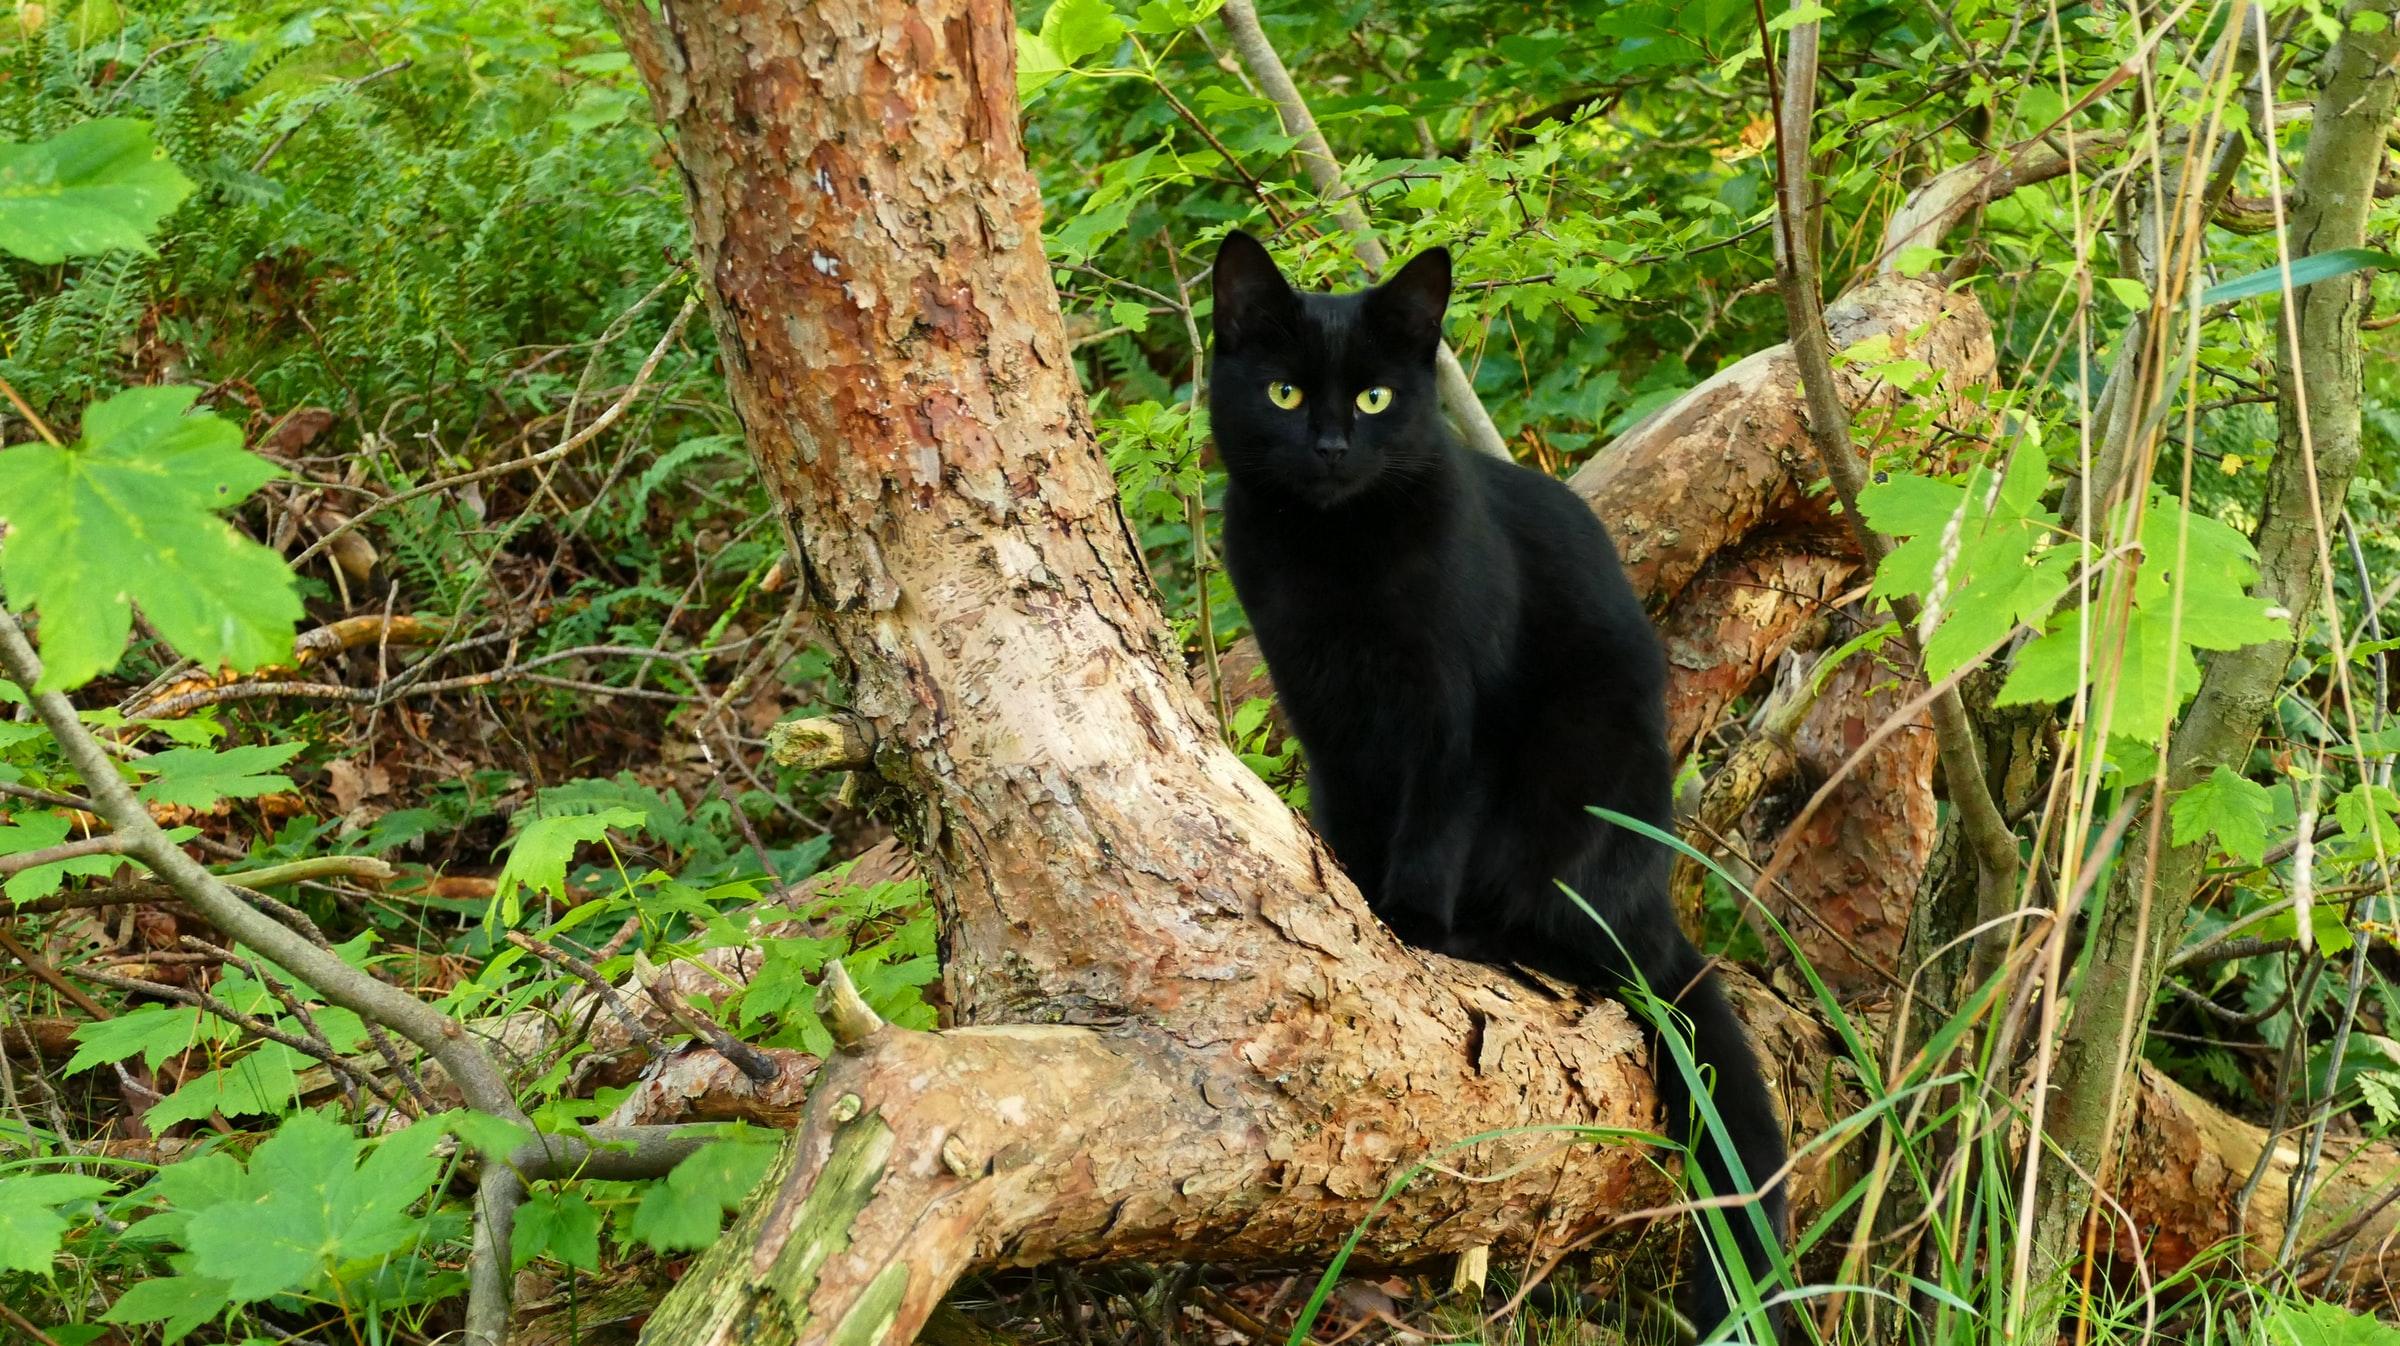 верить в приметы, черная кошка к неудаче, жизнь по приметам